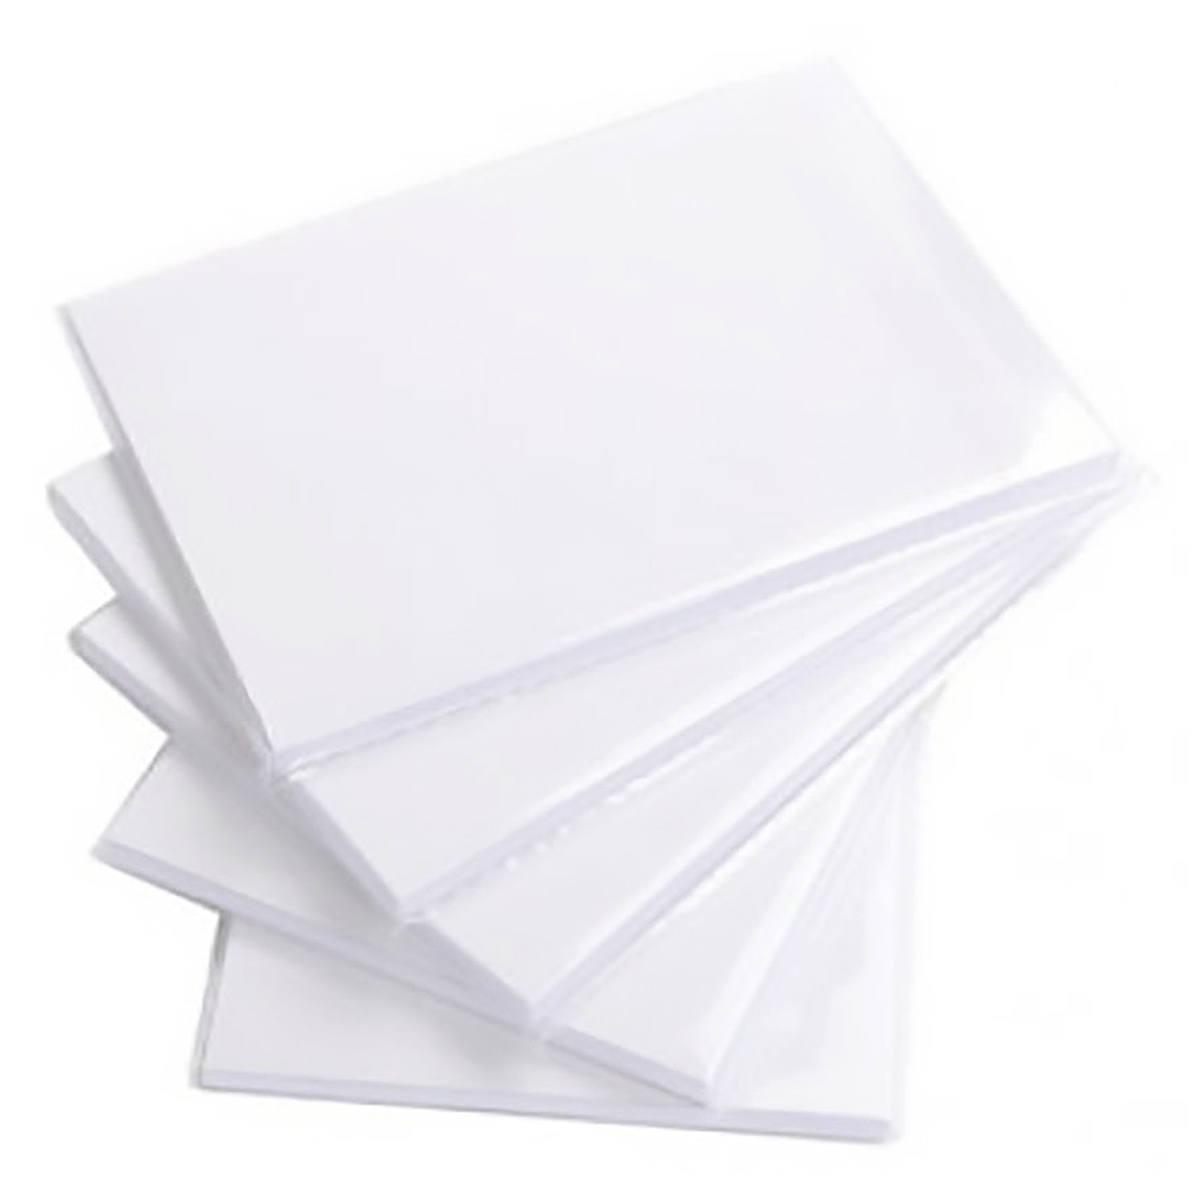 Papel Glossy 10x15 cm 180g Fotográfico Branco Brilhante com 200 Folhas